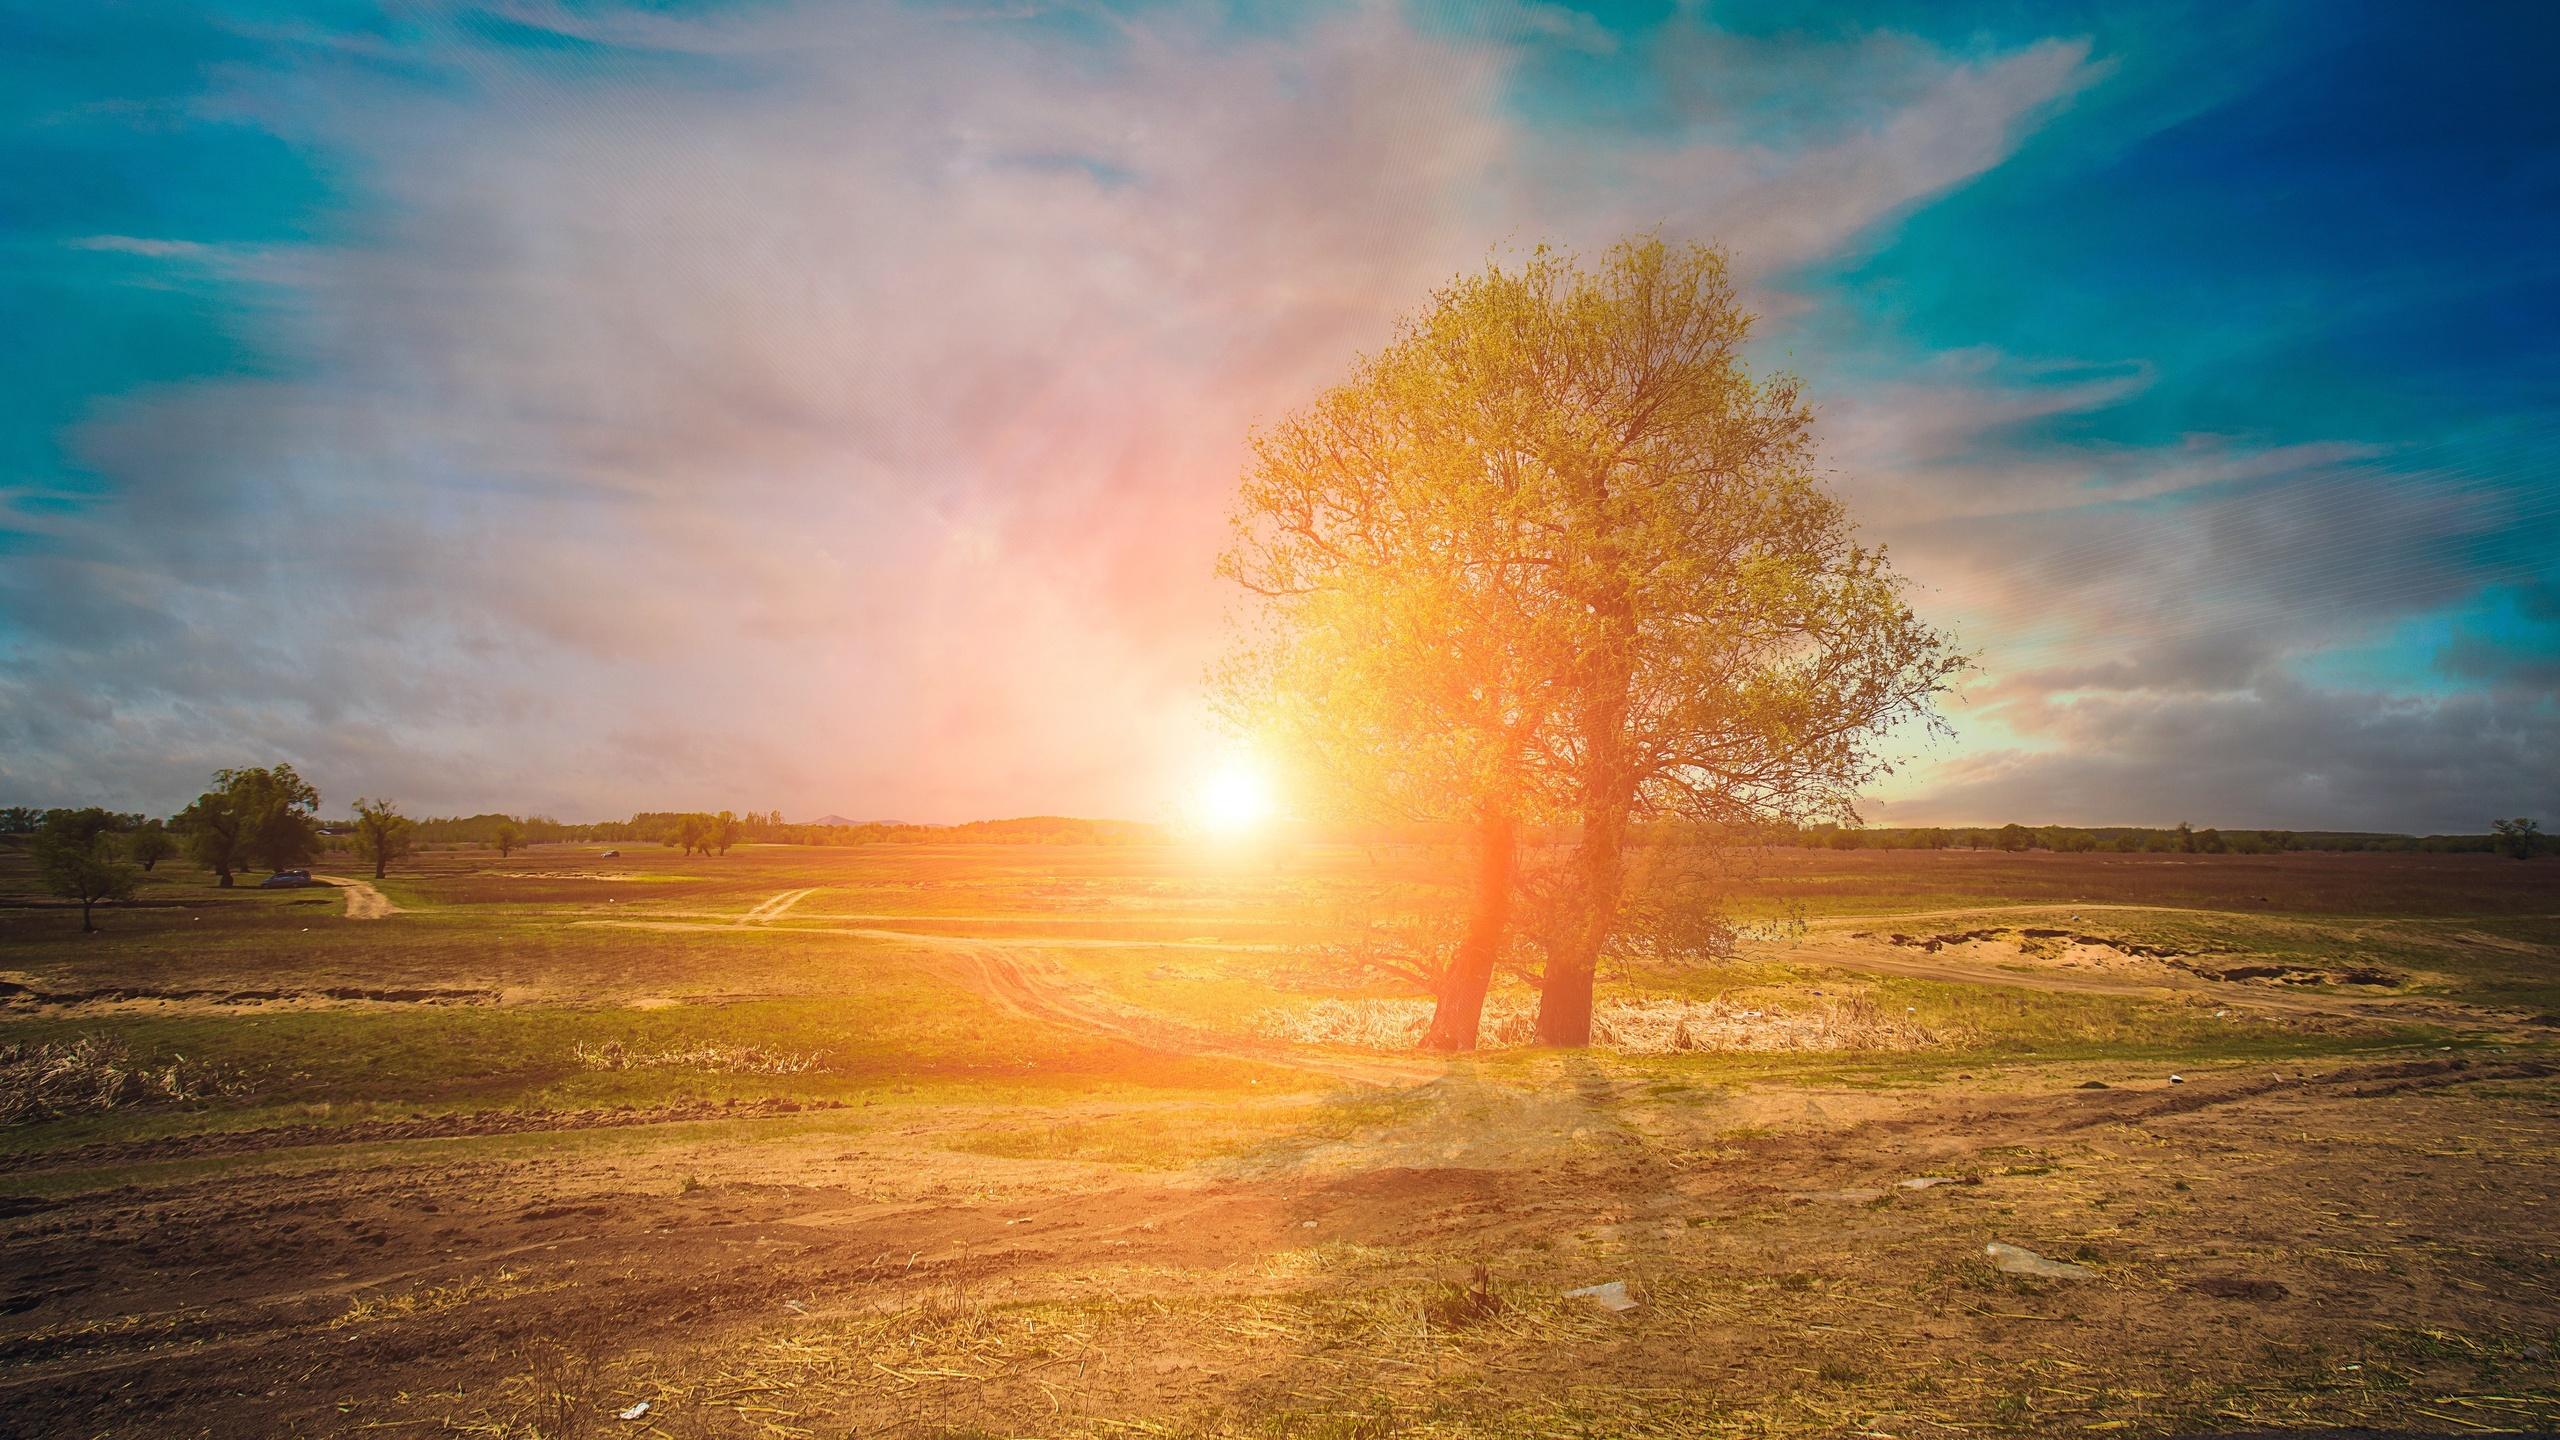 базанова потрясающий как фотографировать природу солнце странно, первого дерево